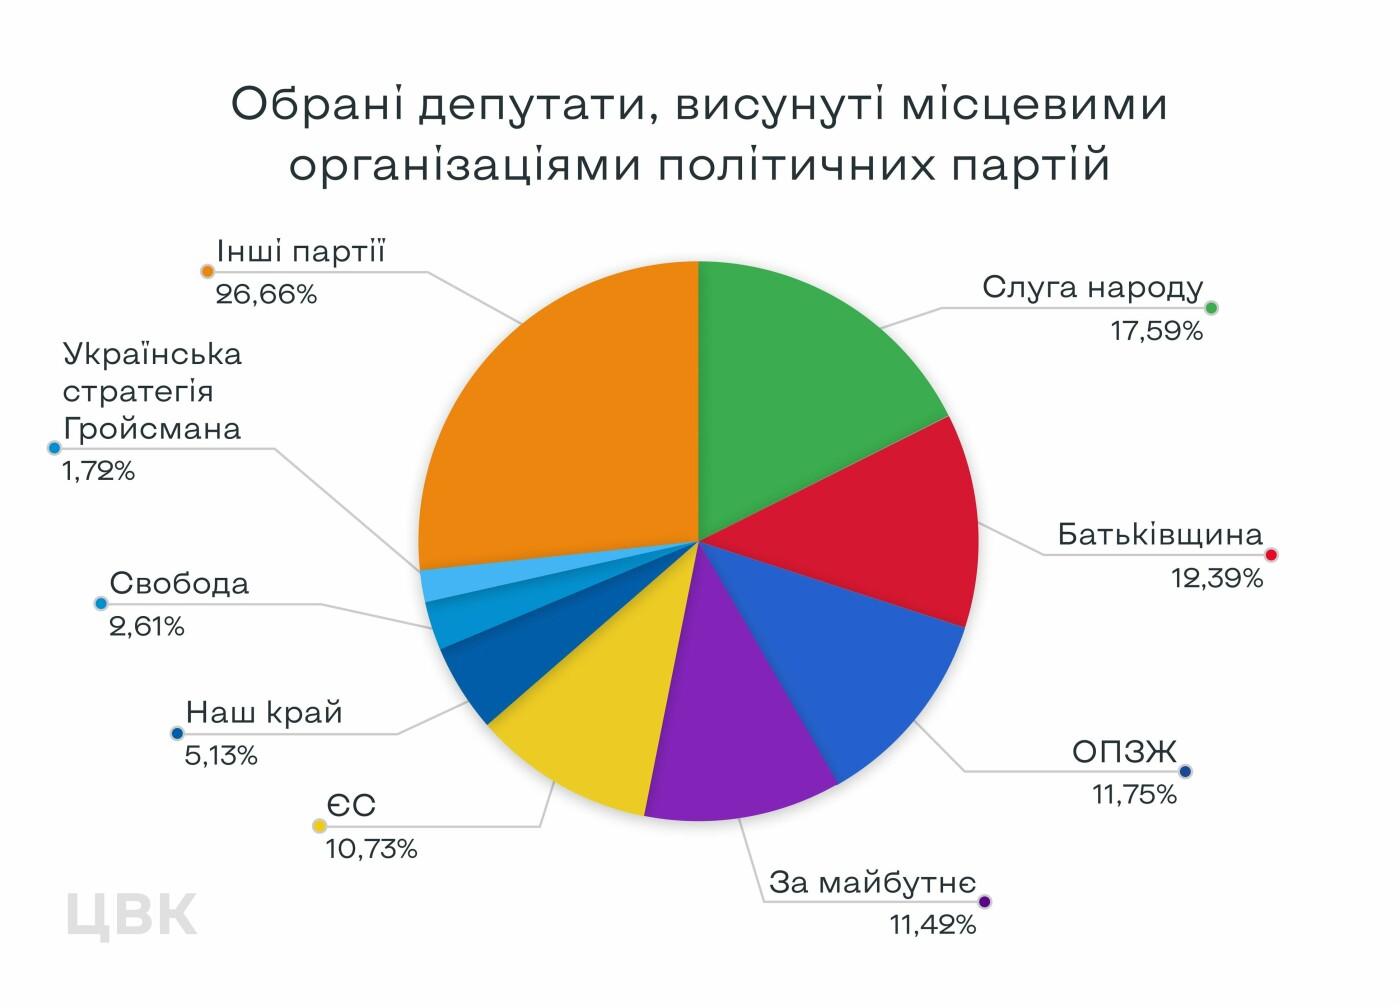 ЦИК обнародовала данные о процентном соотношении политических партий, победивших на местных выборах-2020, фото-1